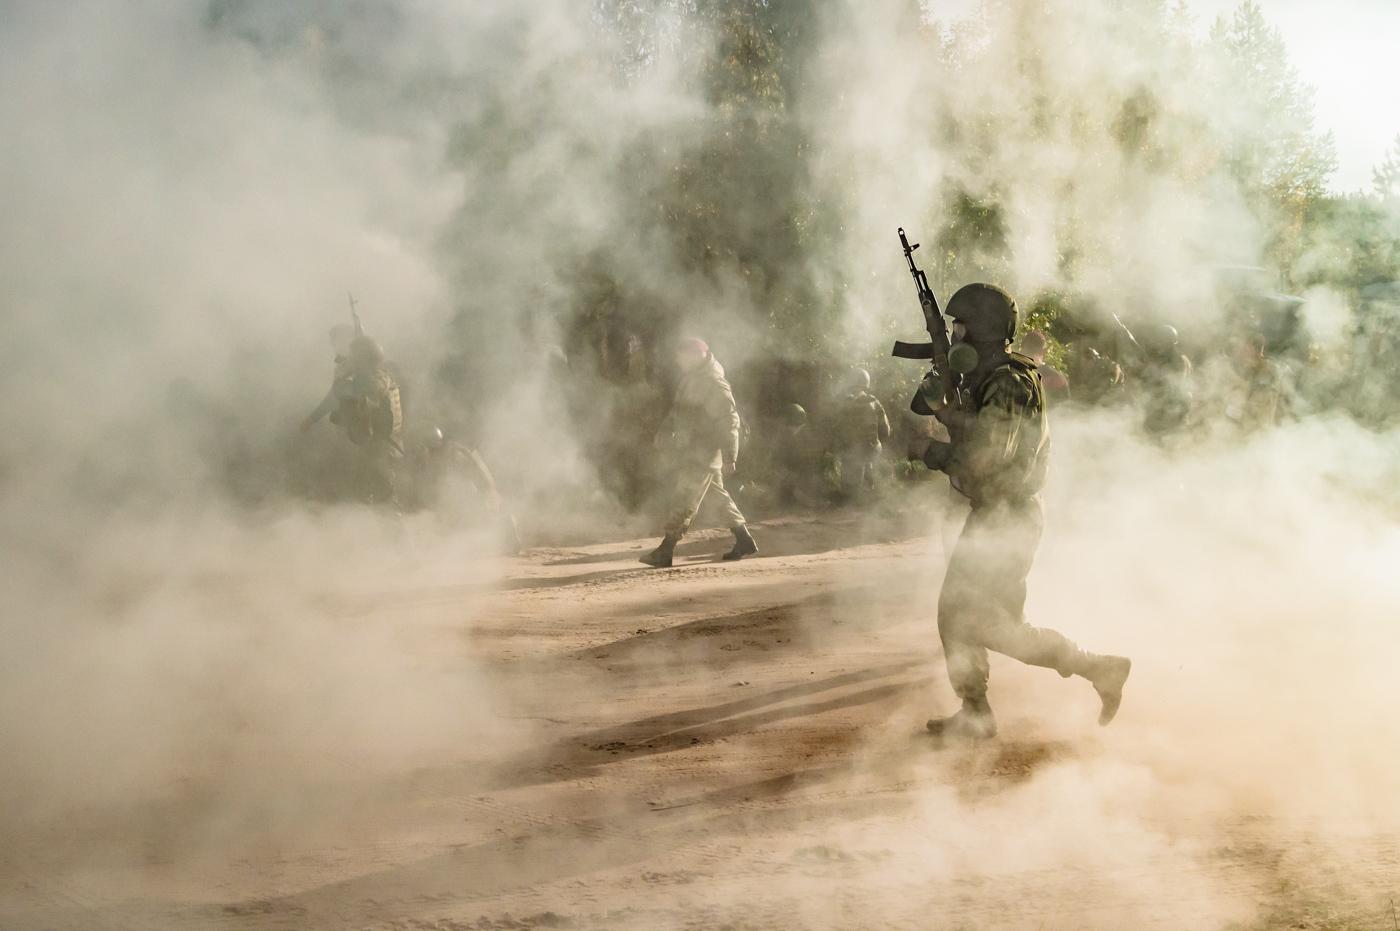 Бойцы спецназа в дыму